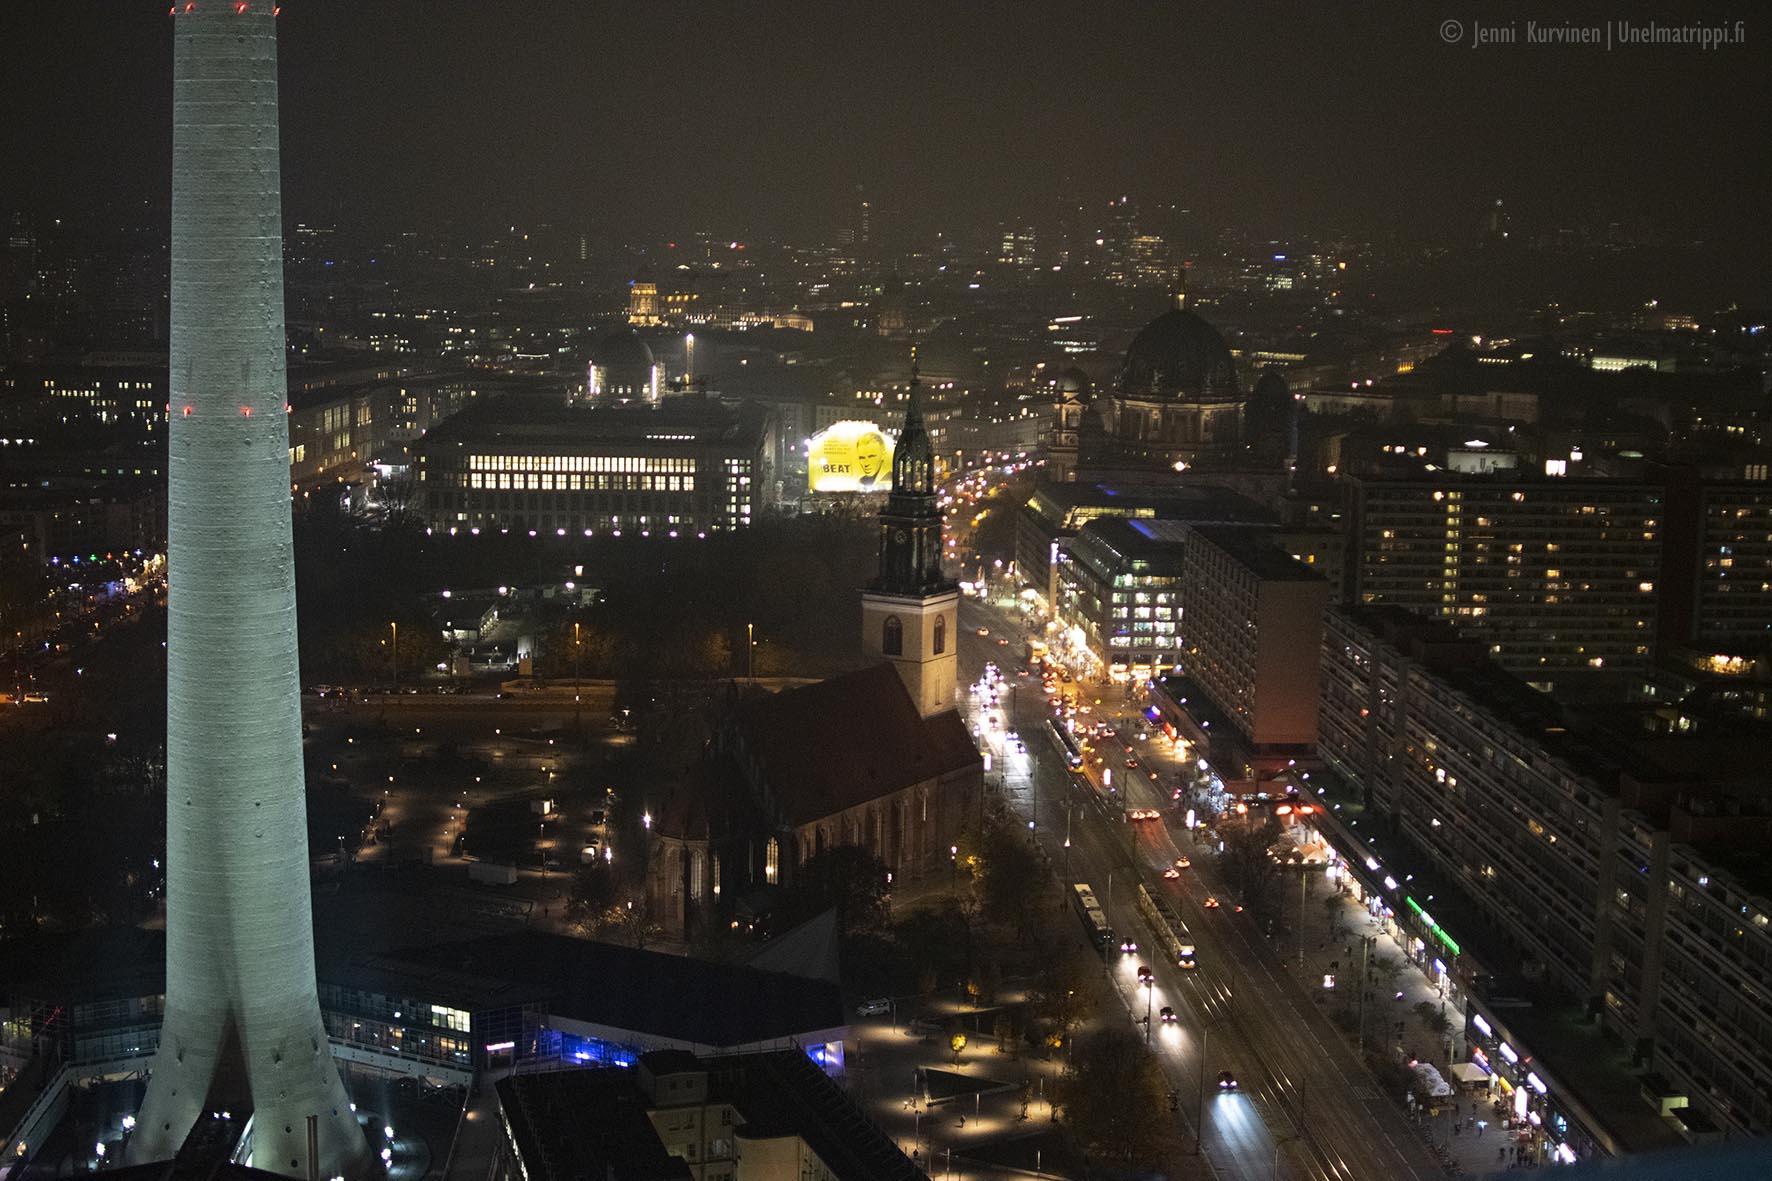 Katunäkymä Park Inn Berlin -hotellin näköalatasanteelta kuvattuna illalla